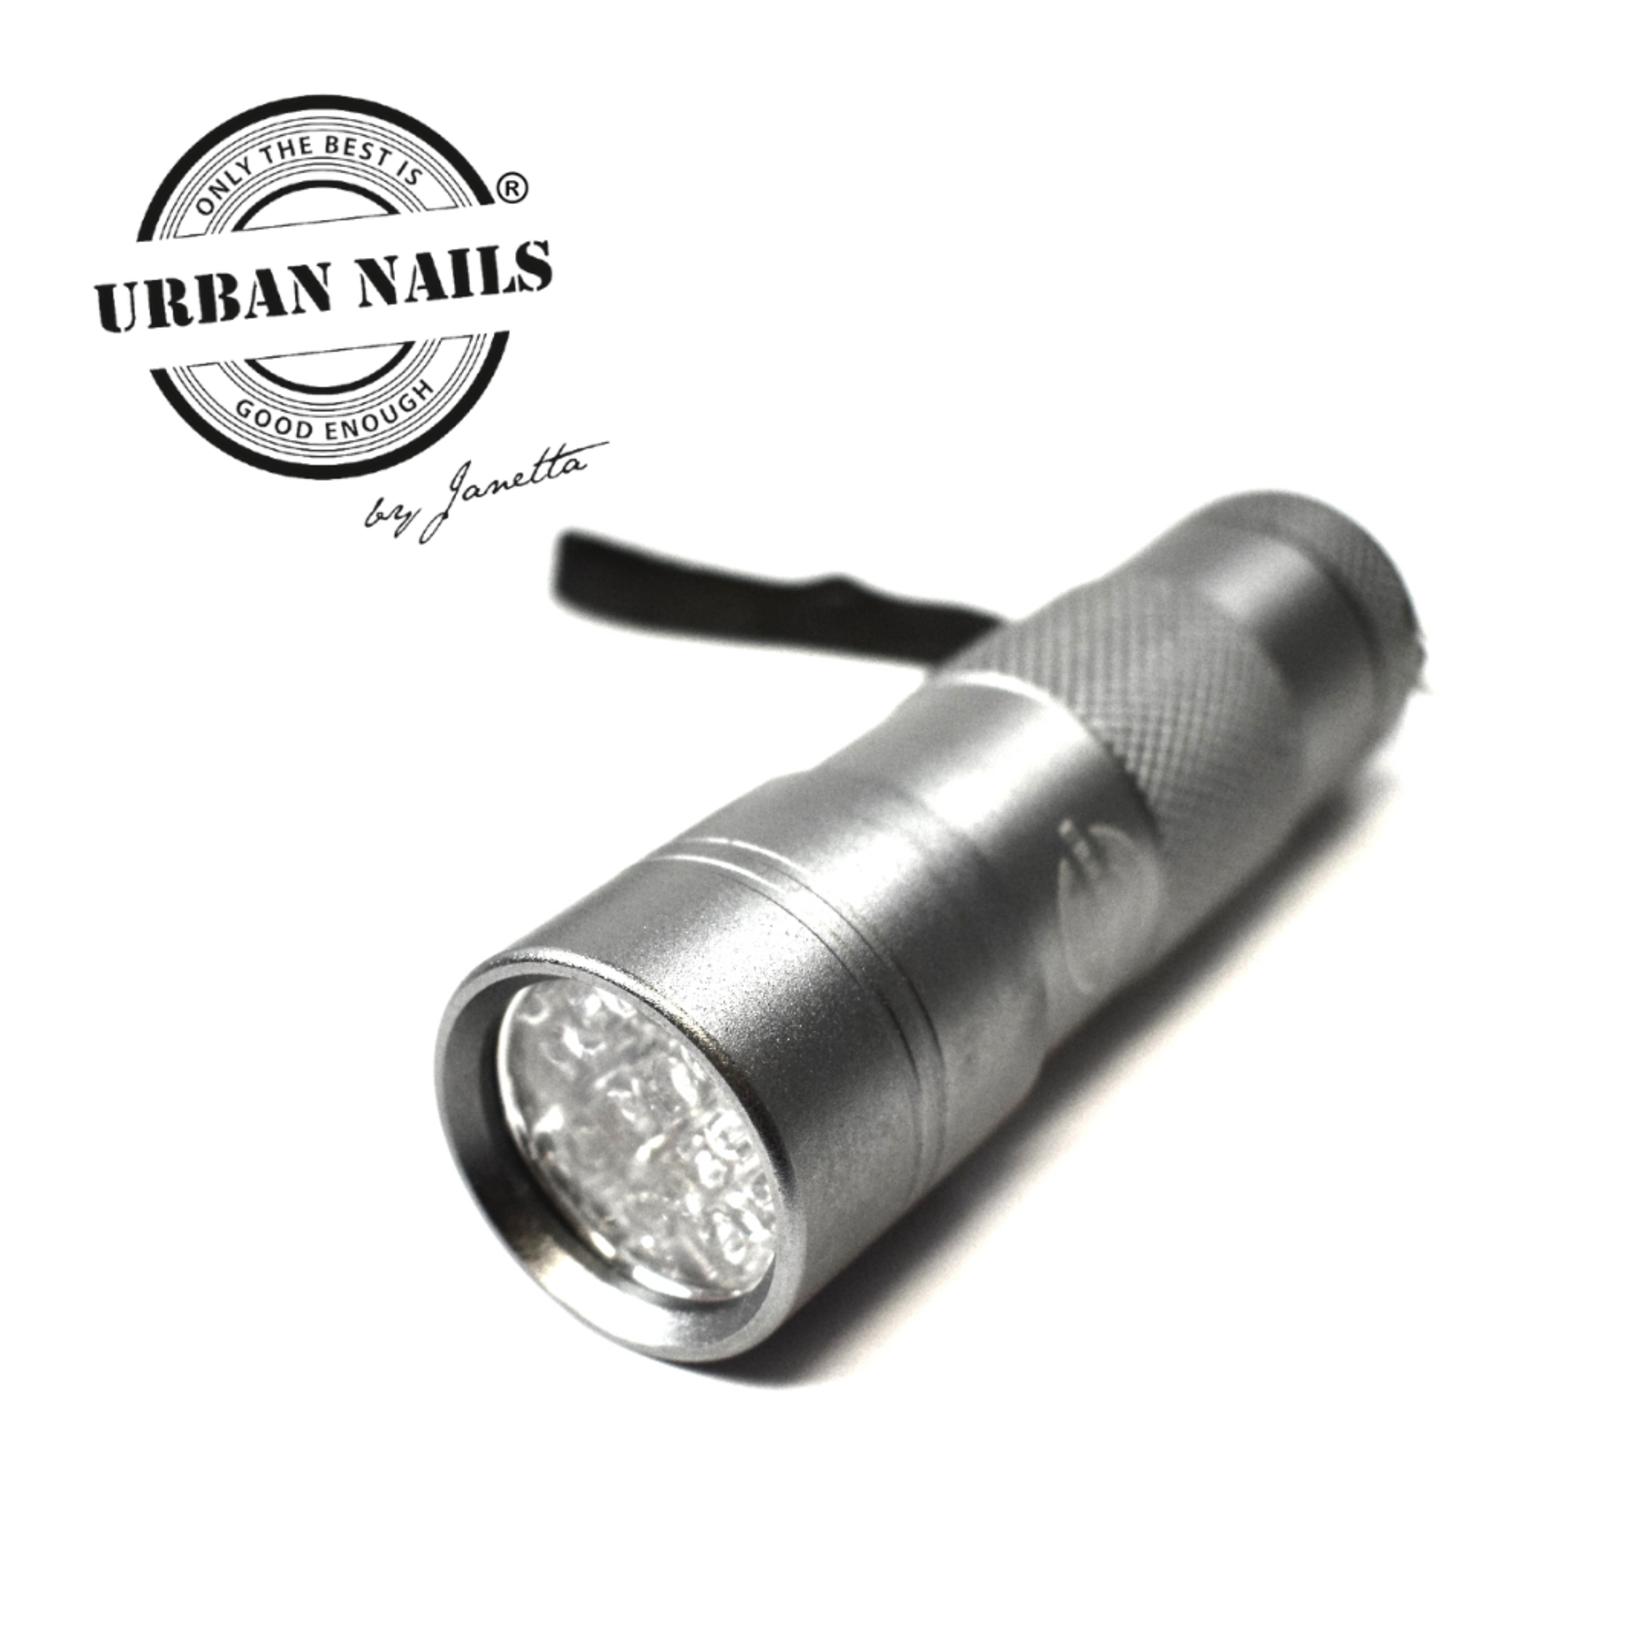 Urban Nails Flashlight